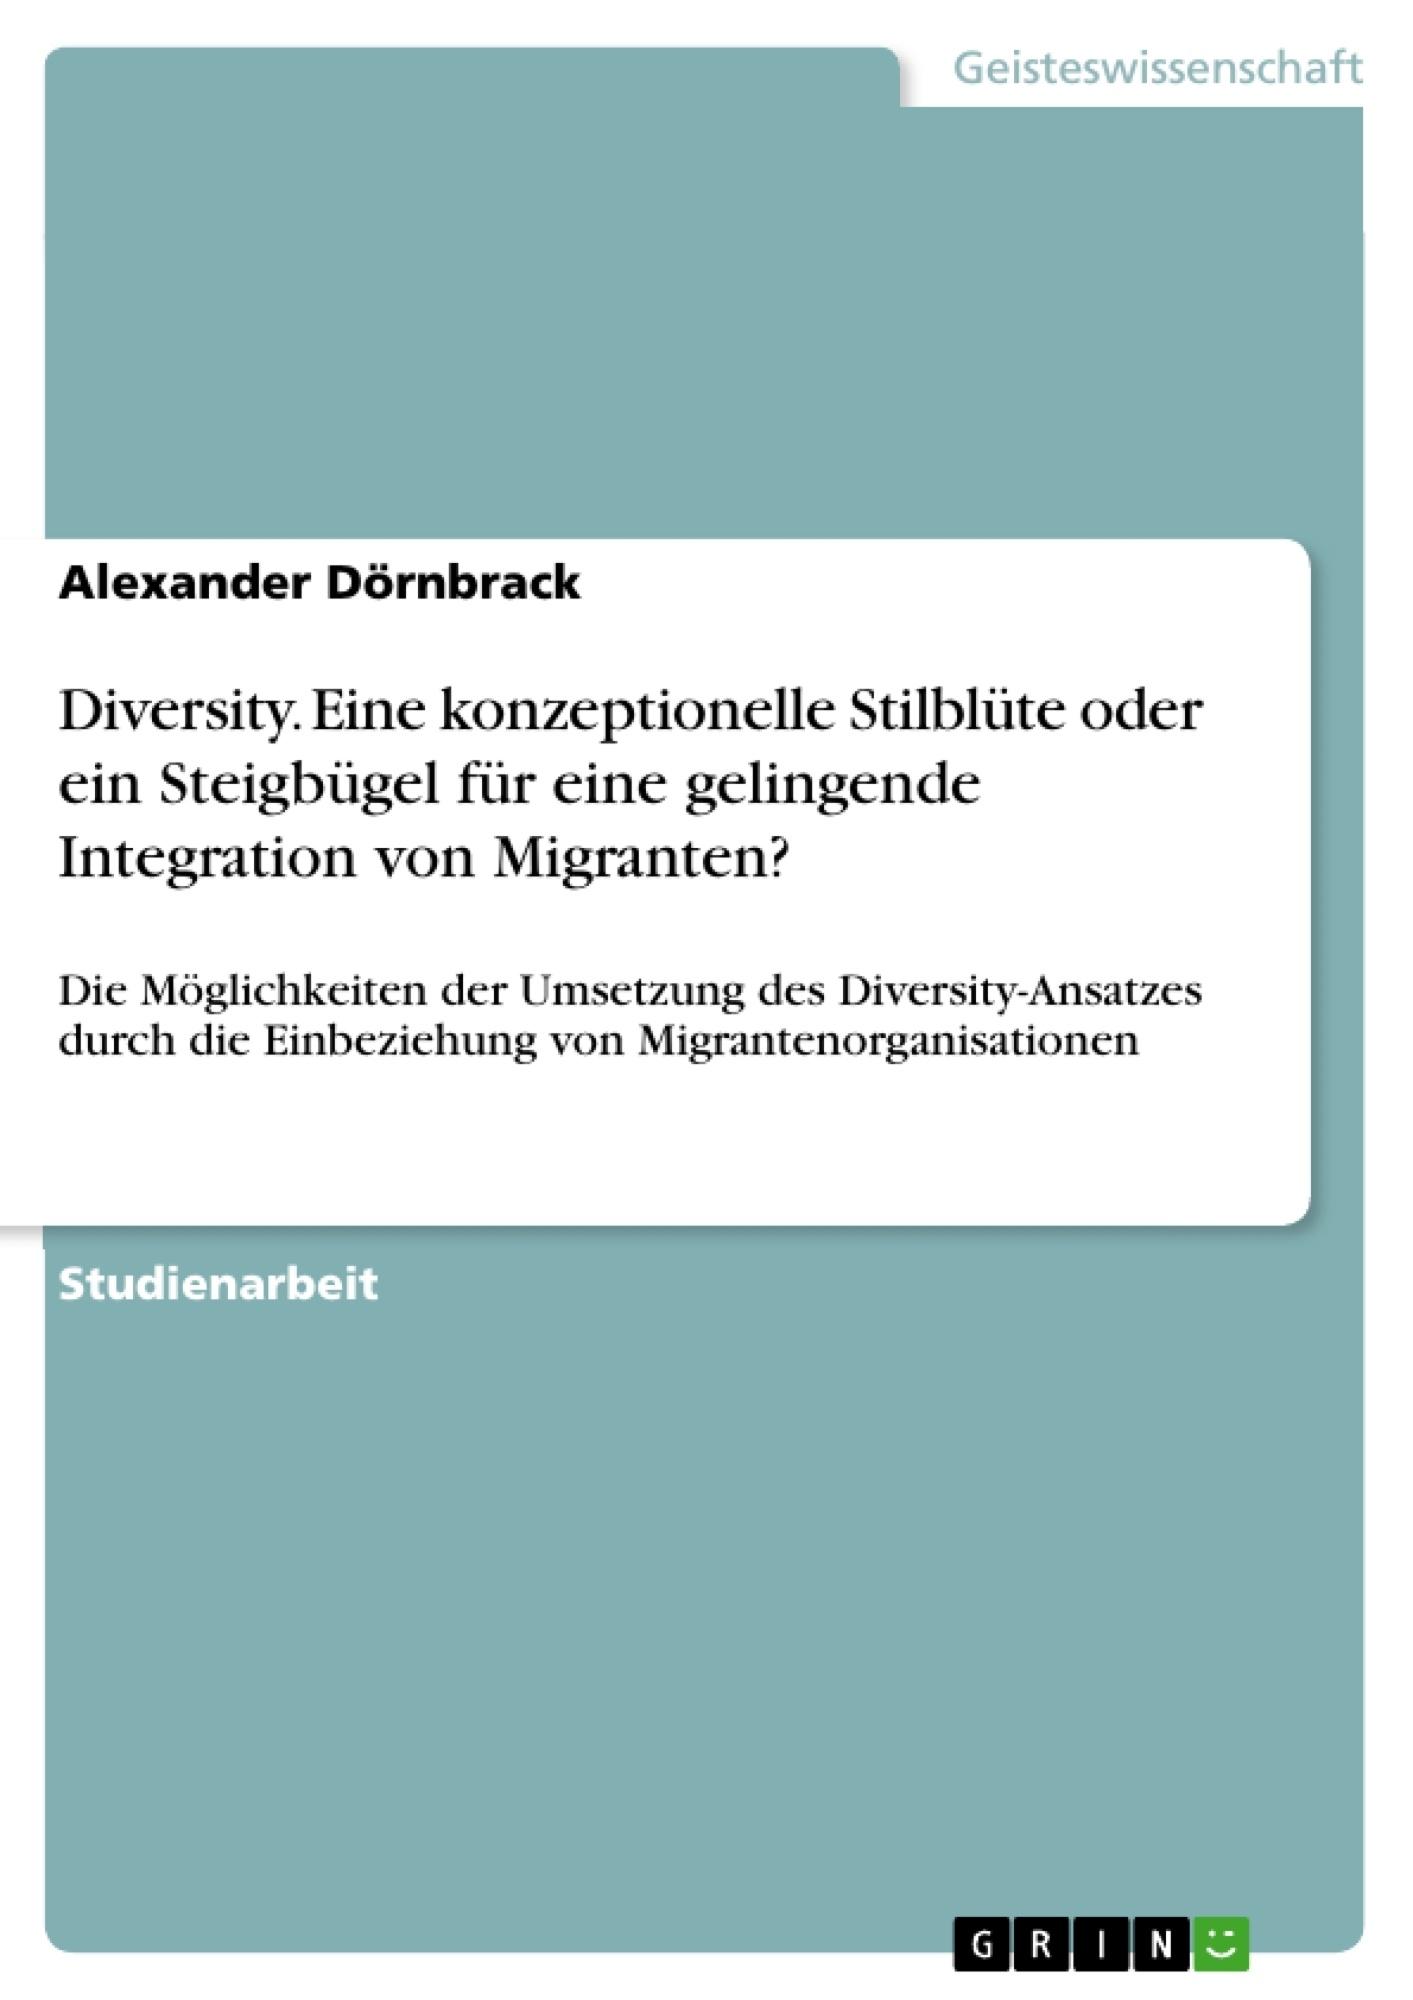 Titel: Diversity. Eine konzeptionelle Stilblüte oder ein Steigbügel für eine gelingende Integration von Migranten?